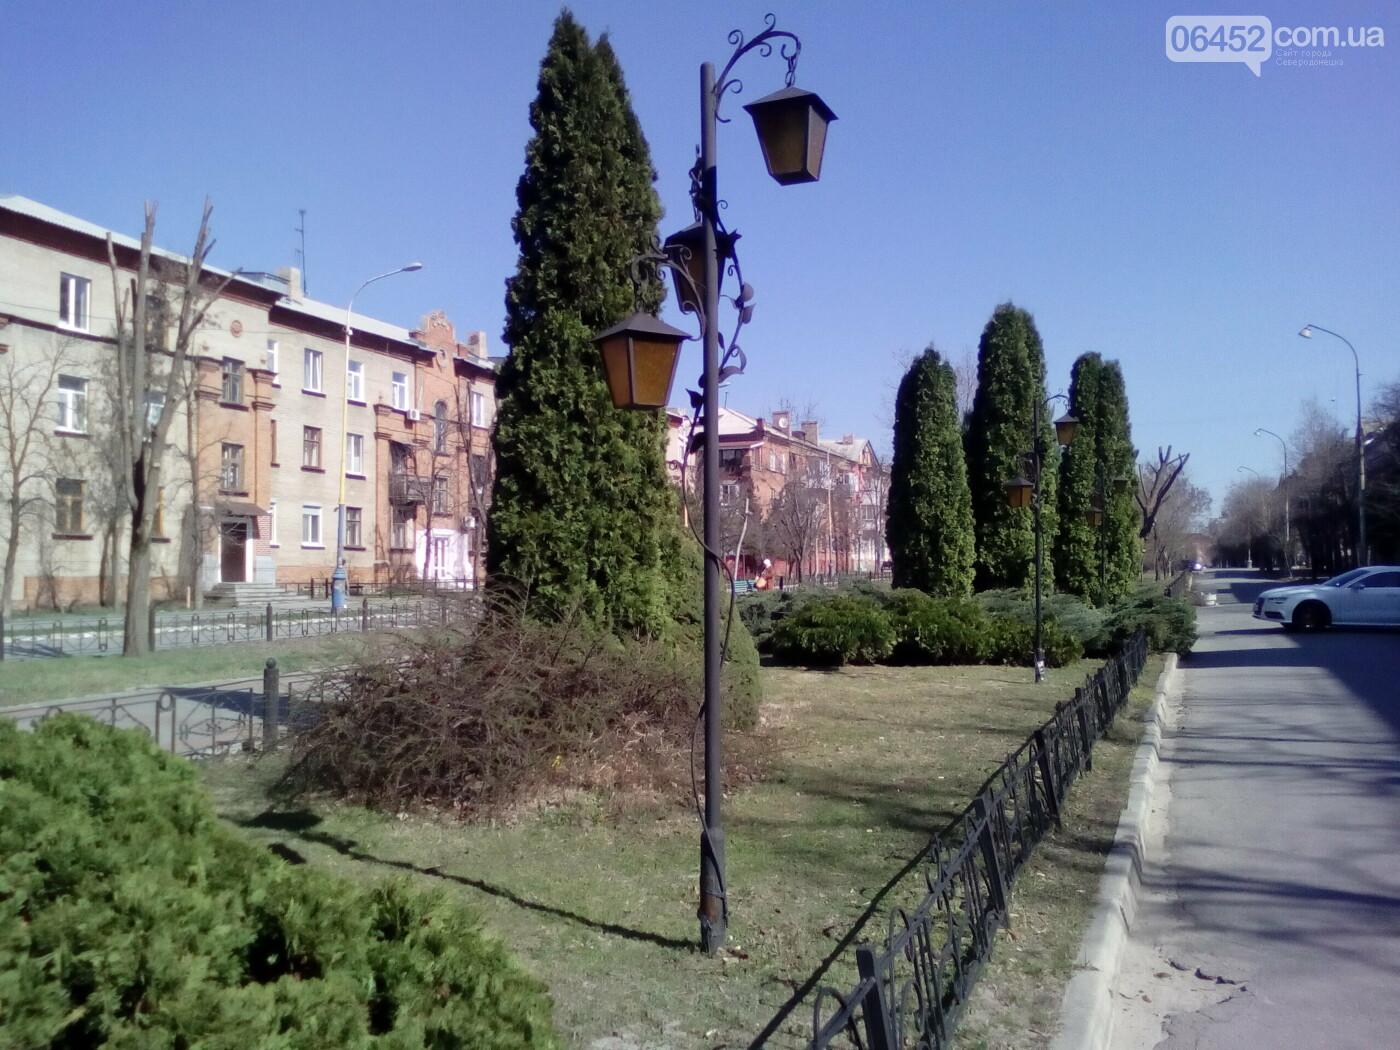 Весна в Северодонецке. Фотопрогулка, фото-5